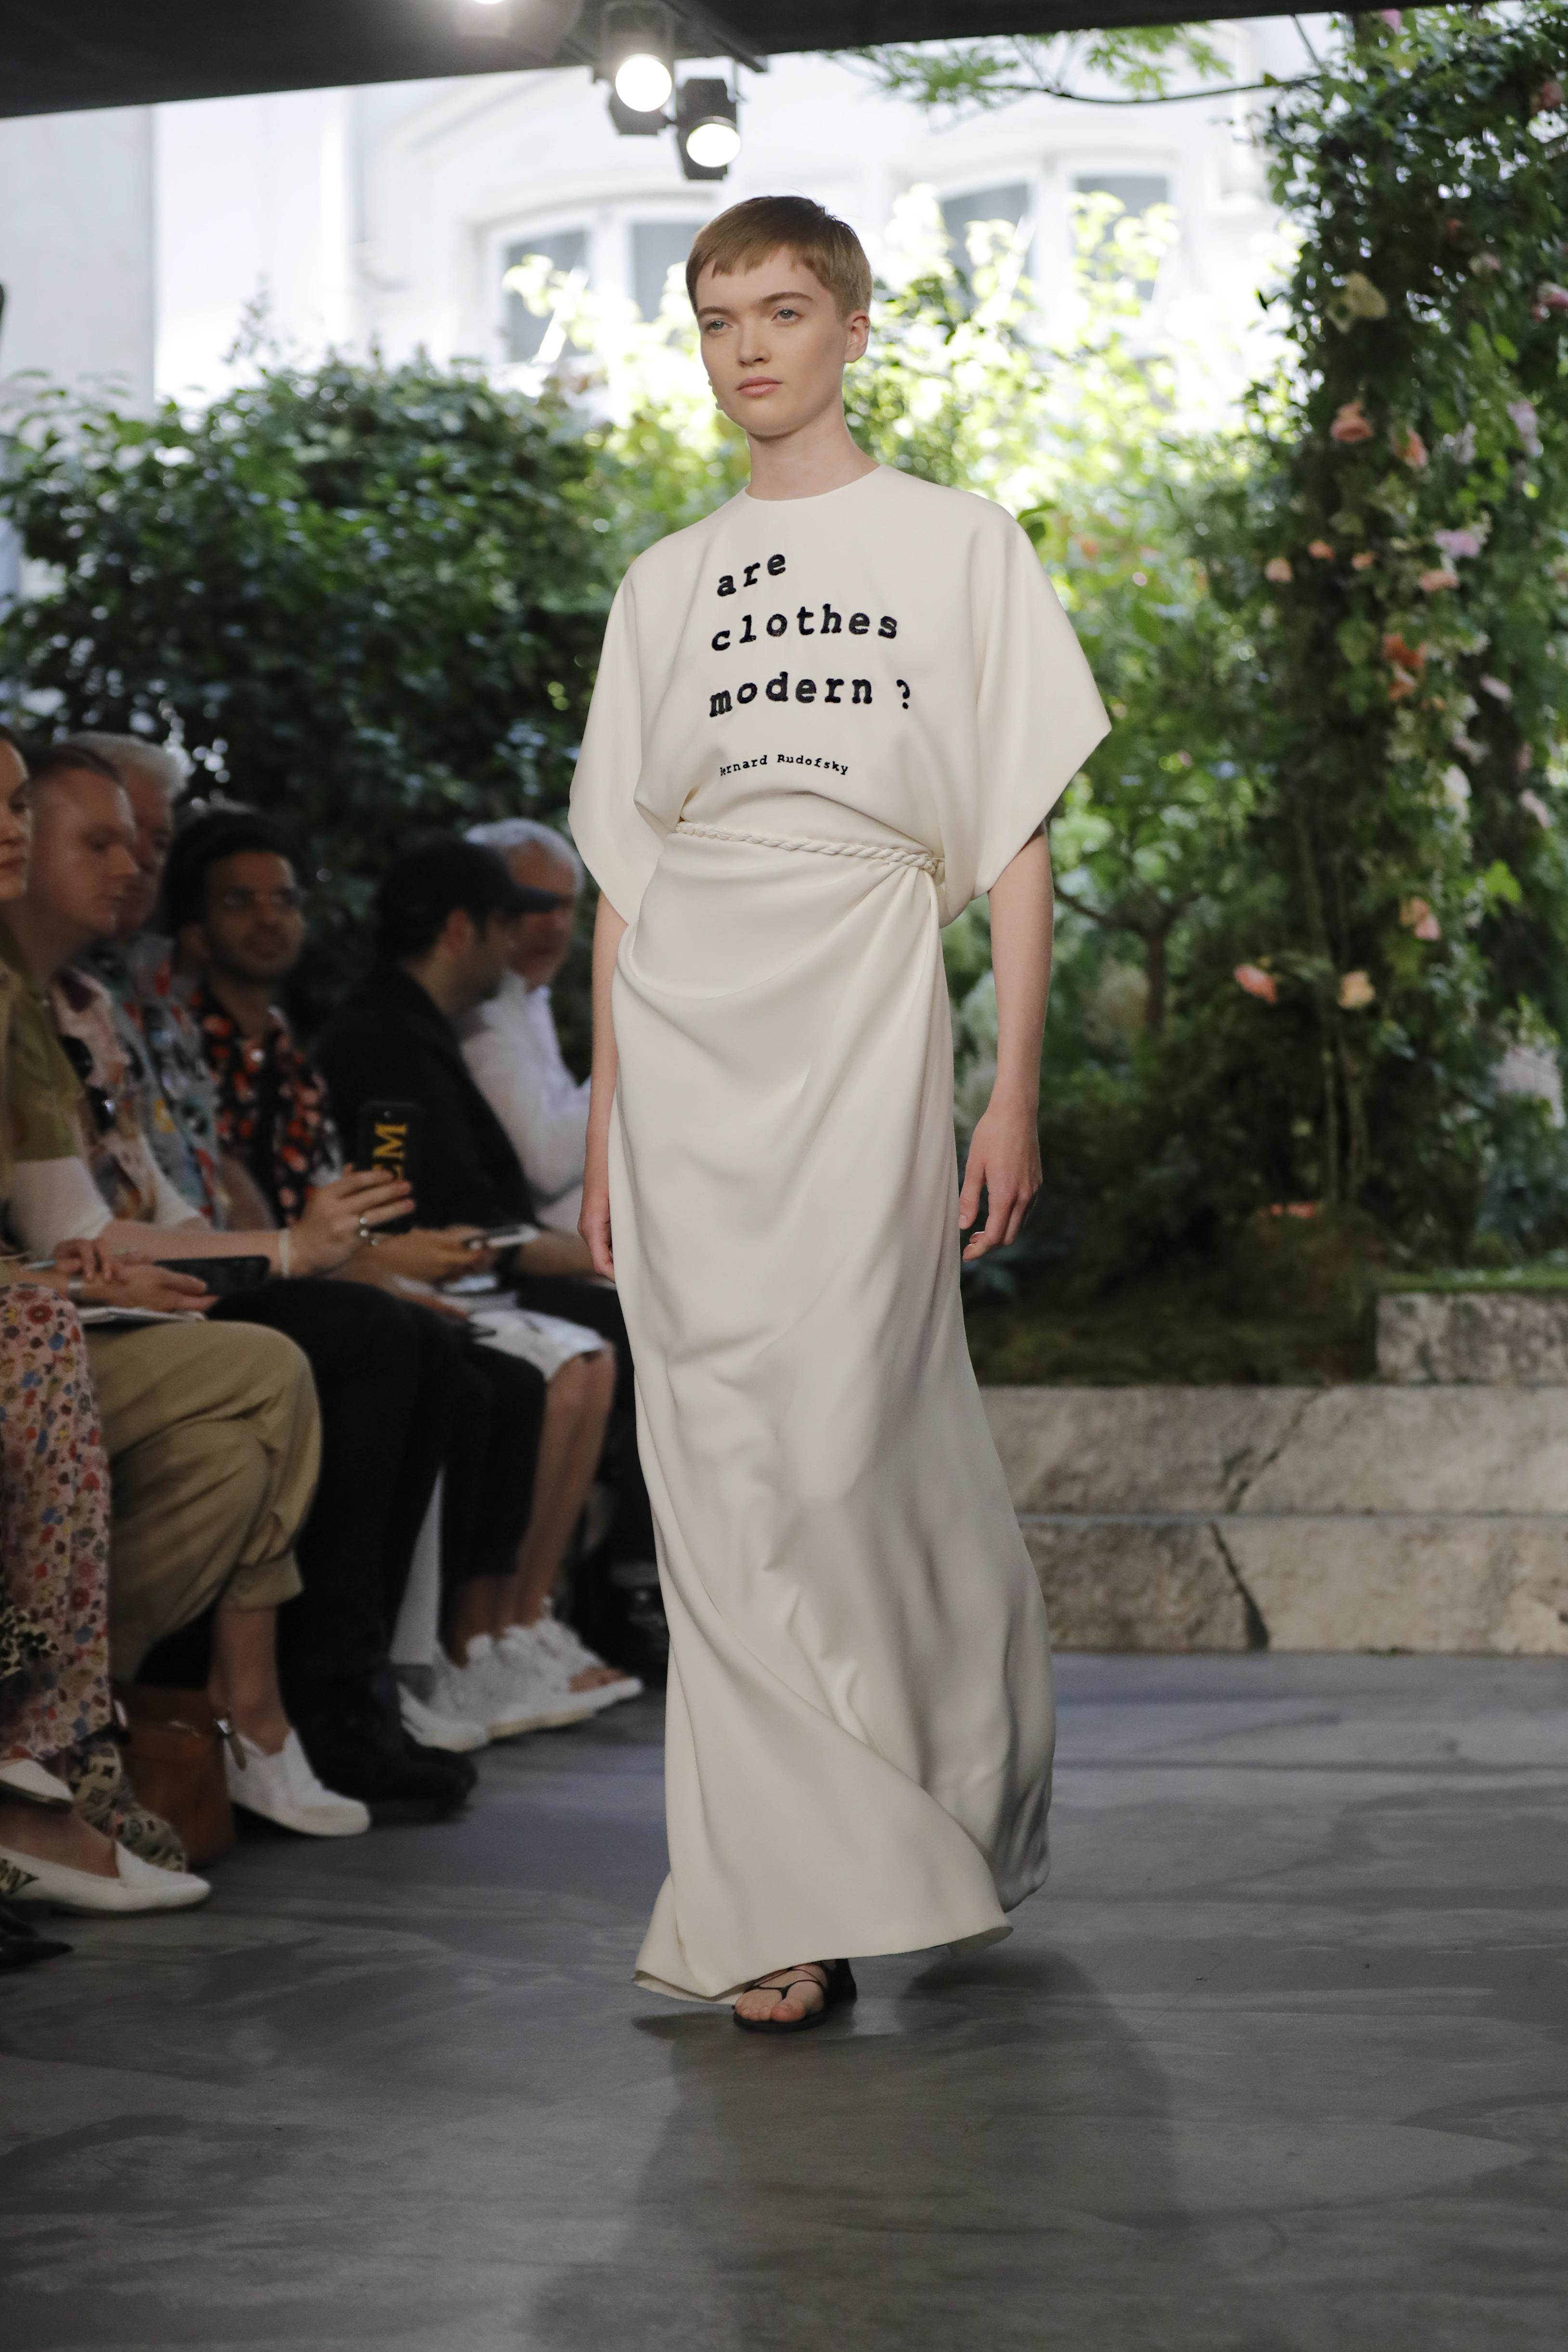 Chiuri recibió el premio civil más alto de Francia, la Legión de Honor, poco después del espectáculo por su contribución a la moda francesa. (AP)